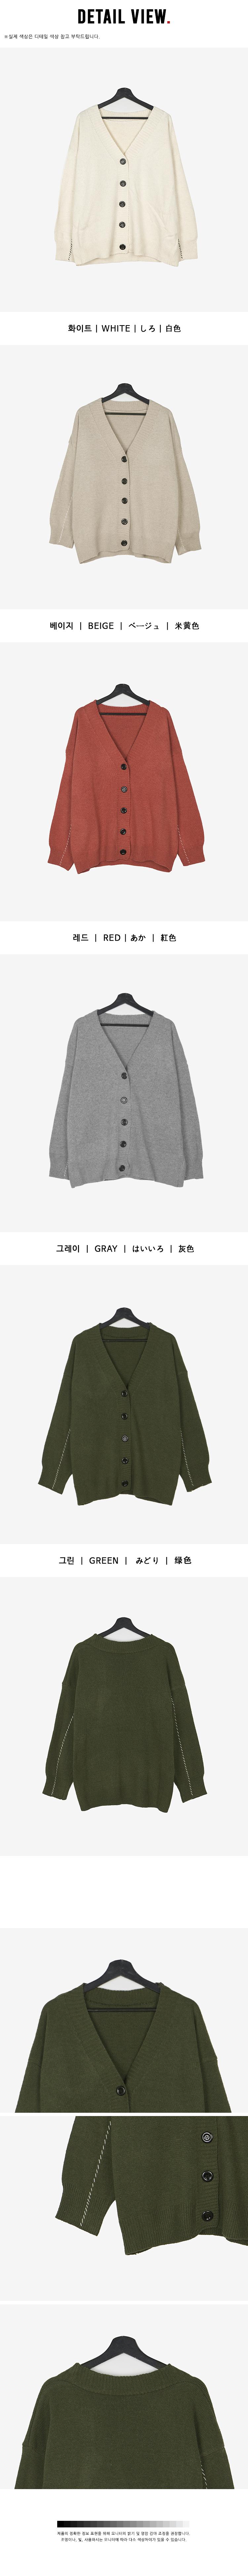 Mayu Overfit Knitwear Cardigan